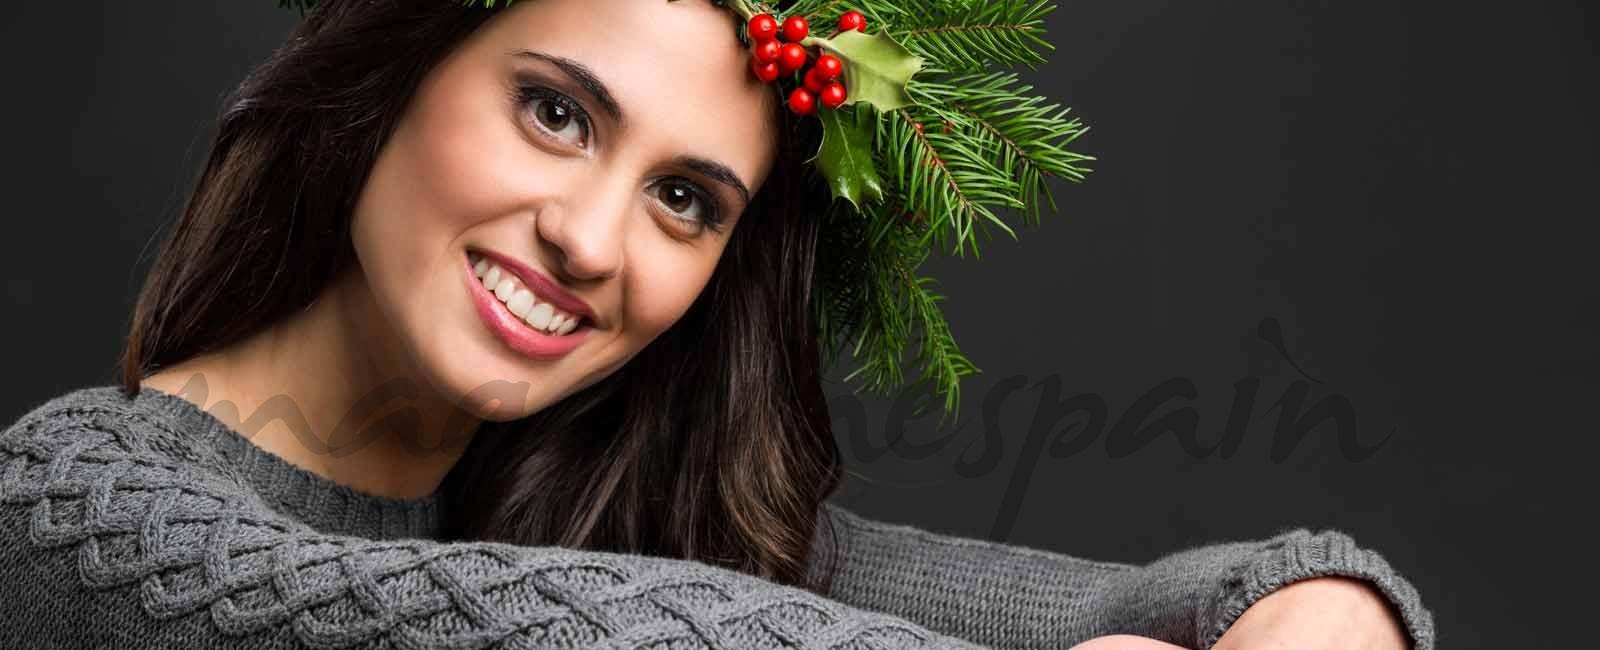 De la oficina a la cena de Navidad: 10 trucos para lucir impecable